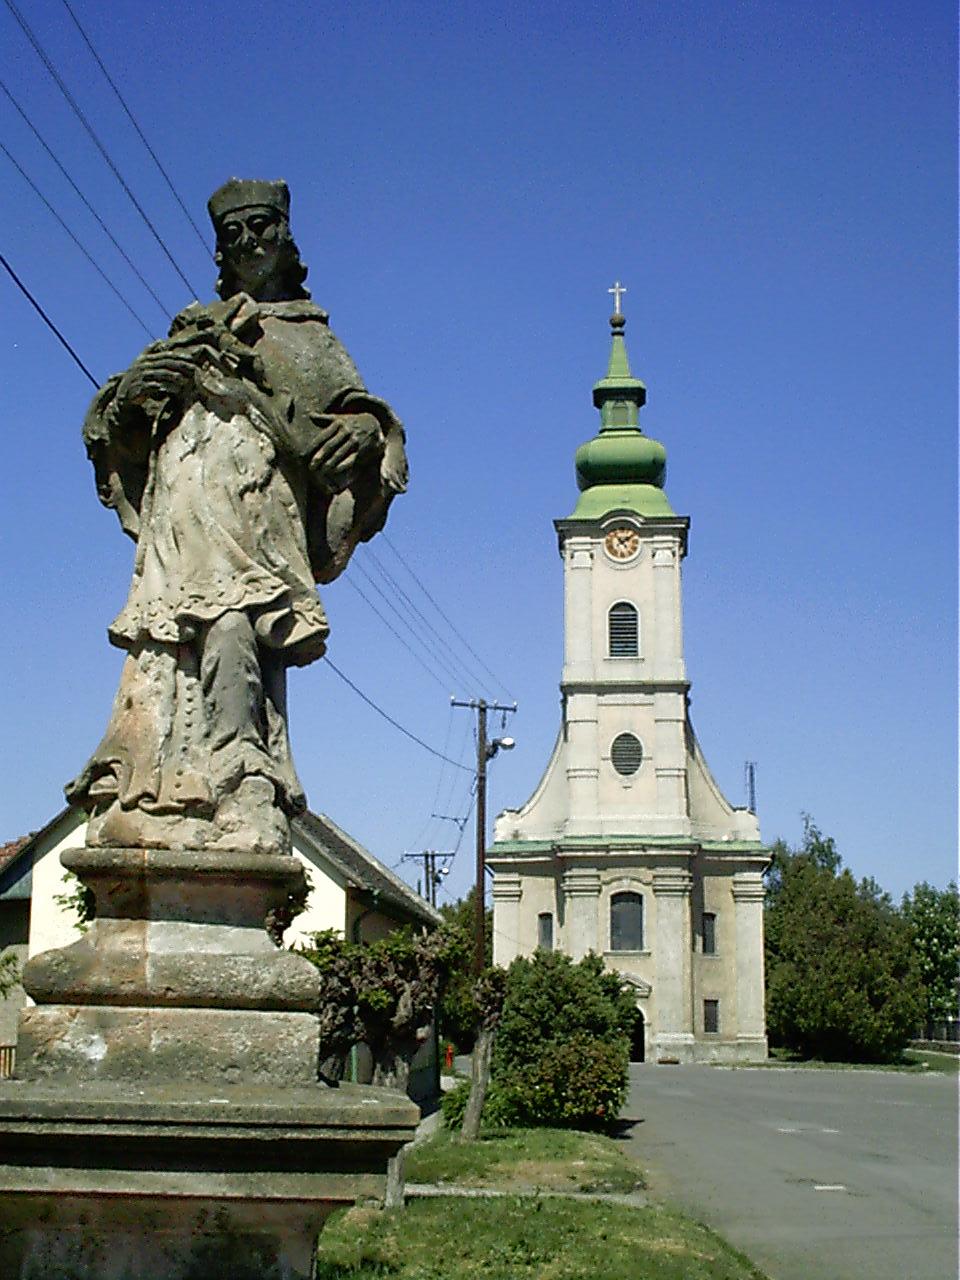 Az ország  második legrégebbi Nepomuki Szent János szobra, a 1758-ból. A mészkőből készült szobrot eredetileg színesre festették, napjainkra azonban erősen megkopott már az időjárás viszontagságainak következtében.